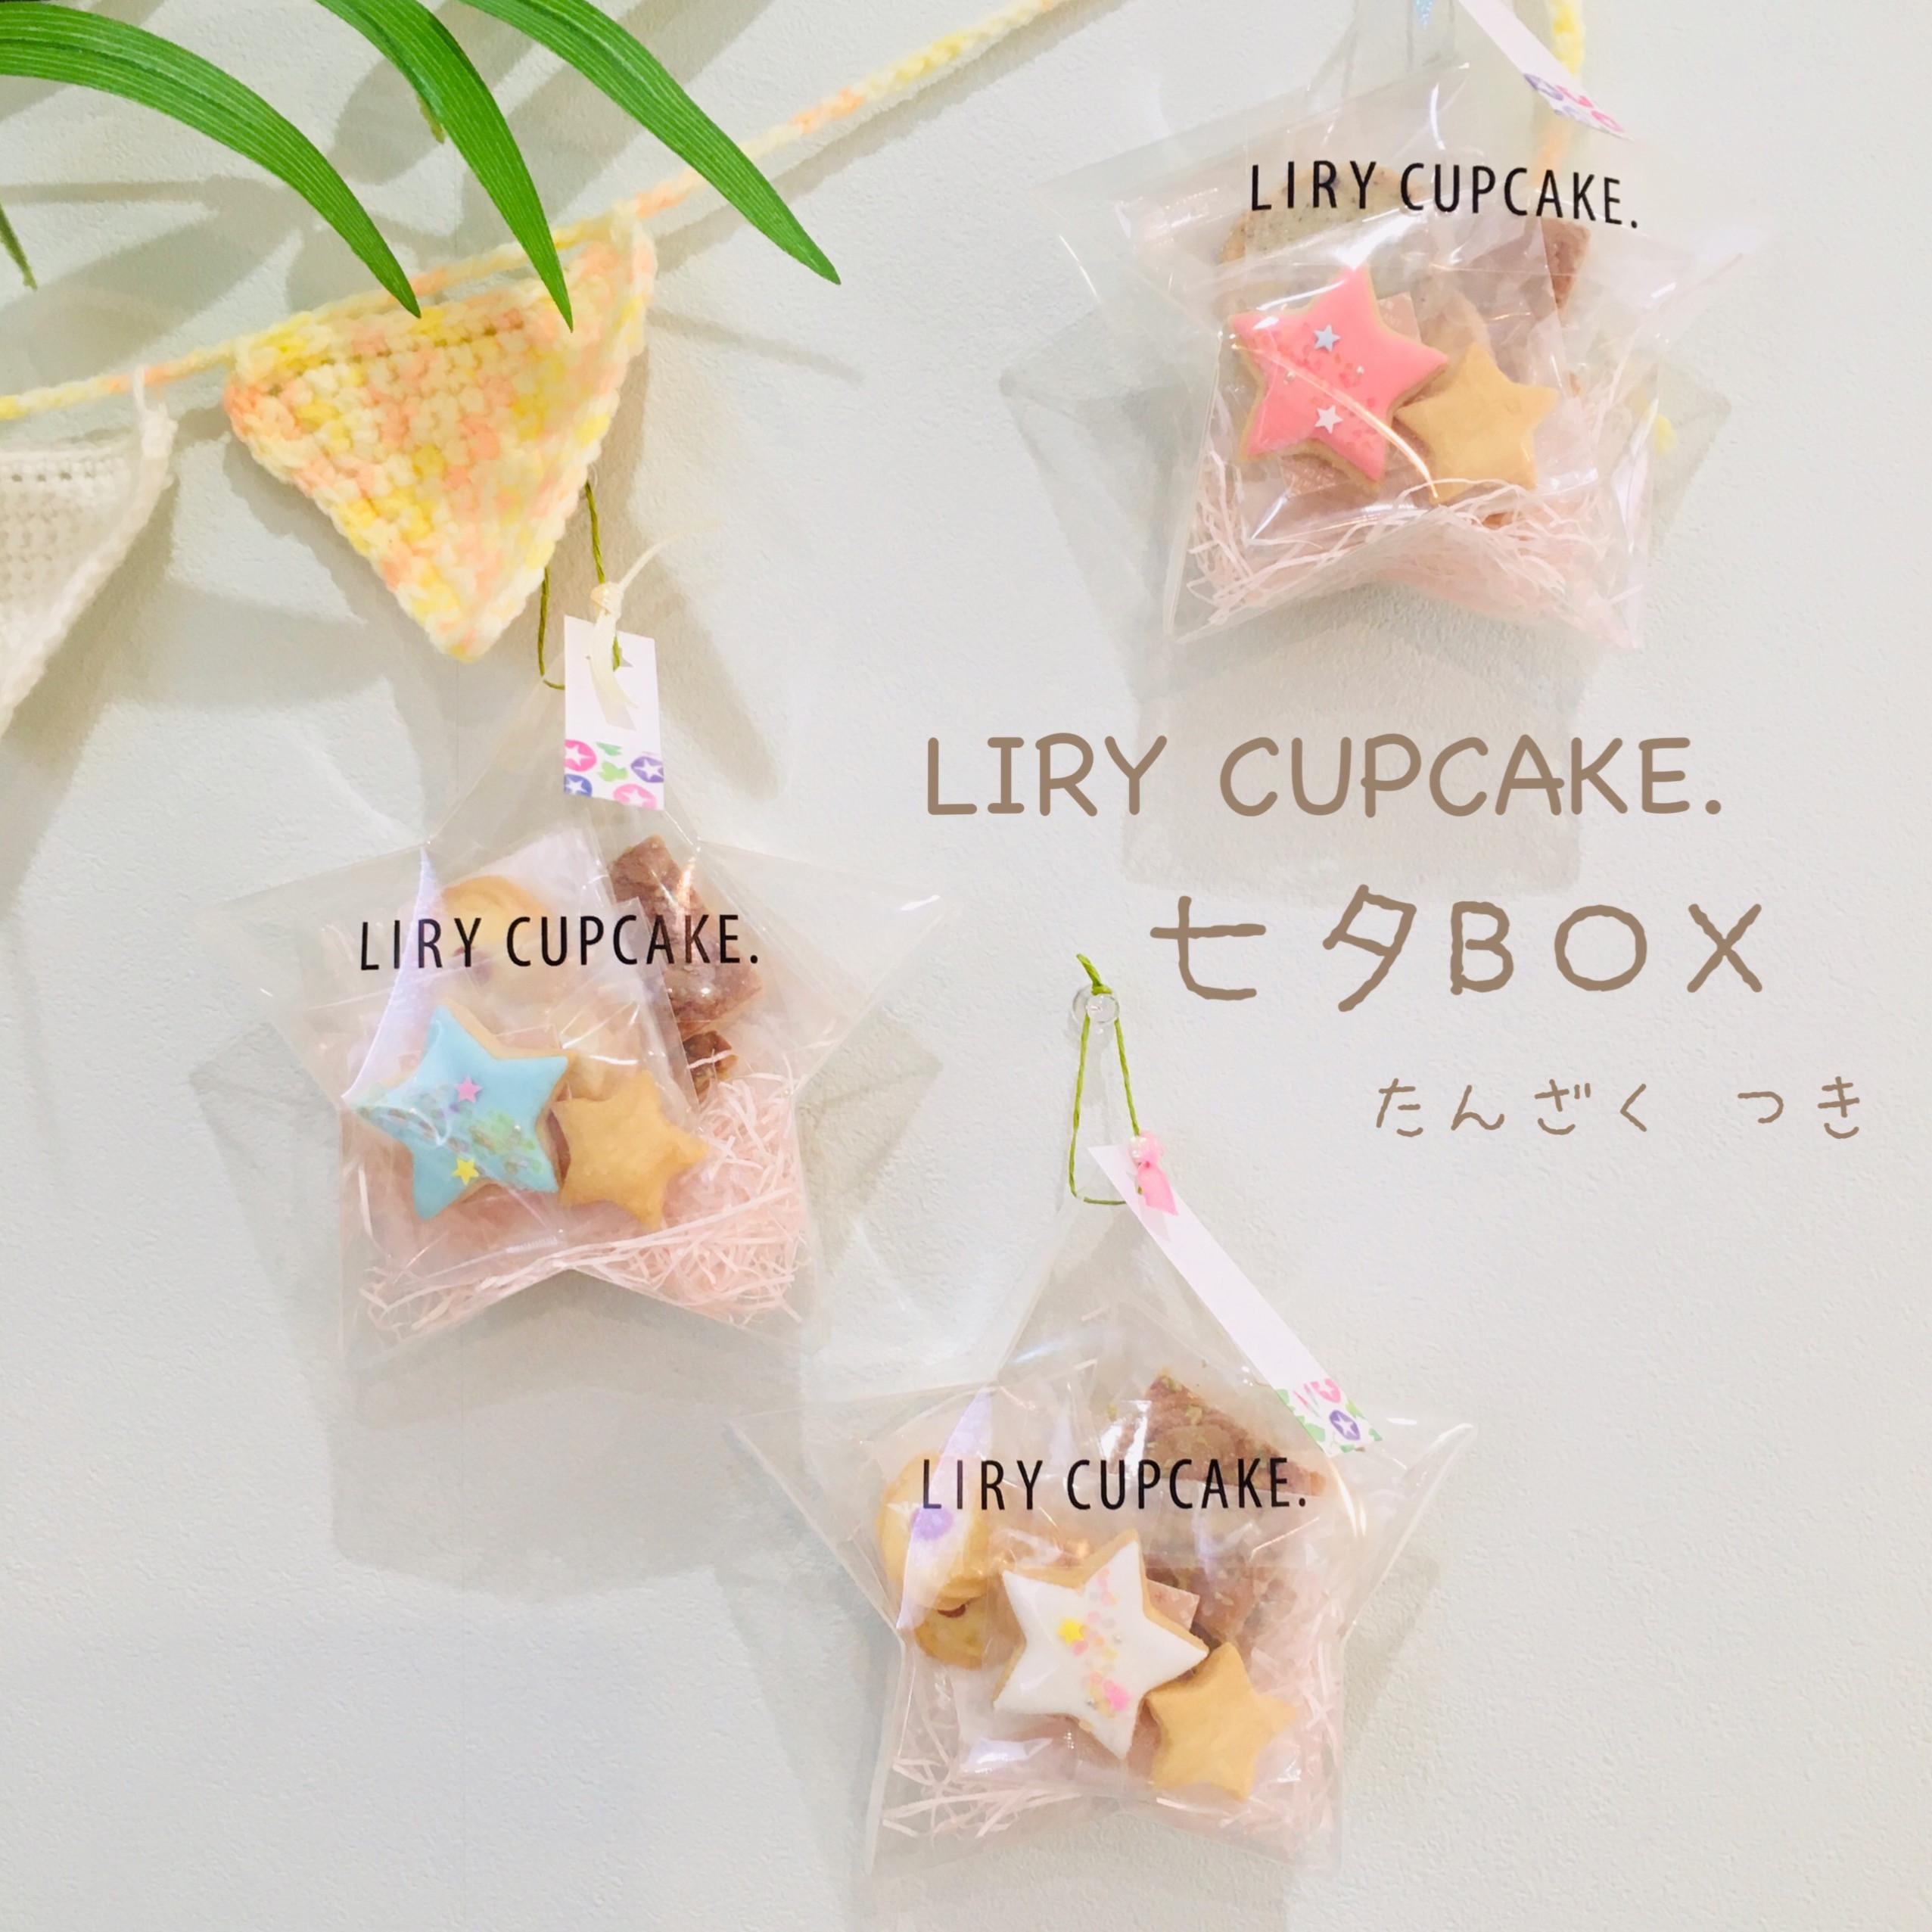 七夕BOX☆ きらきら星と焼菓子 内容はランダムです♡ ミニ短冊つき♪ 飾ってもたのしめます♪>